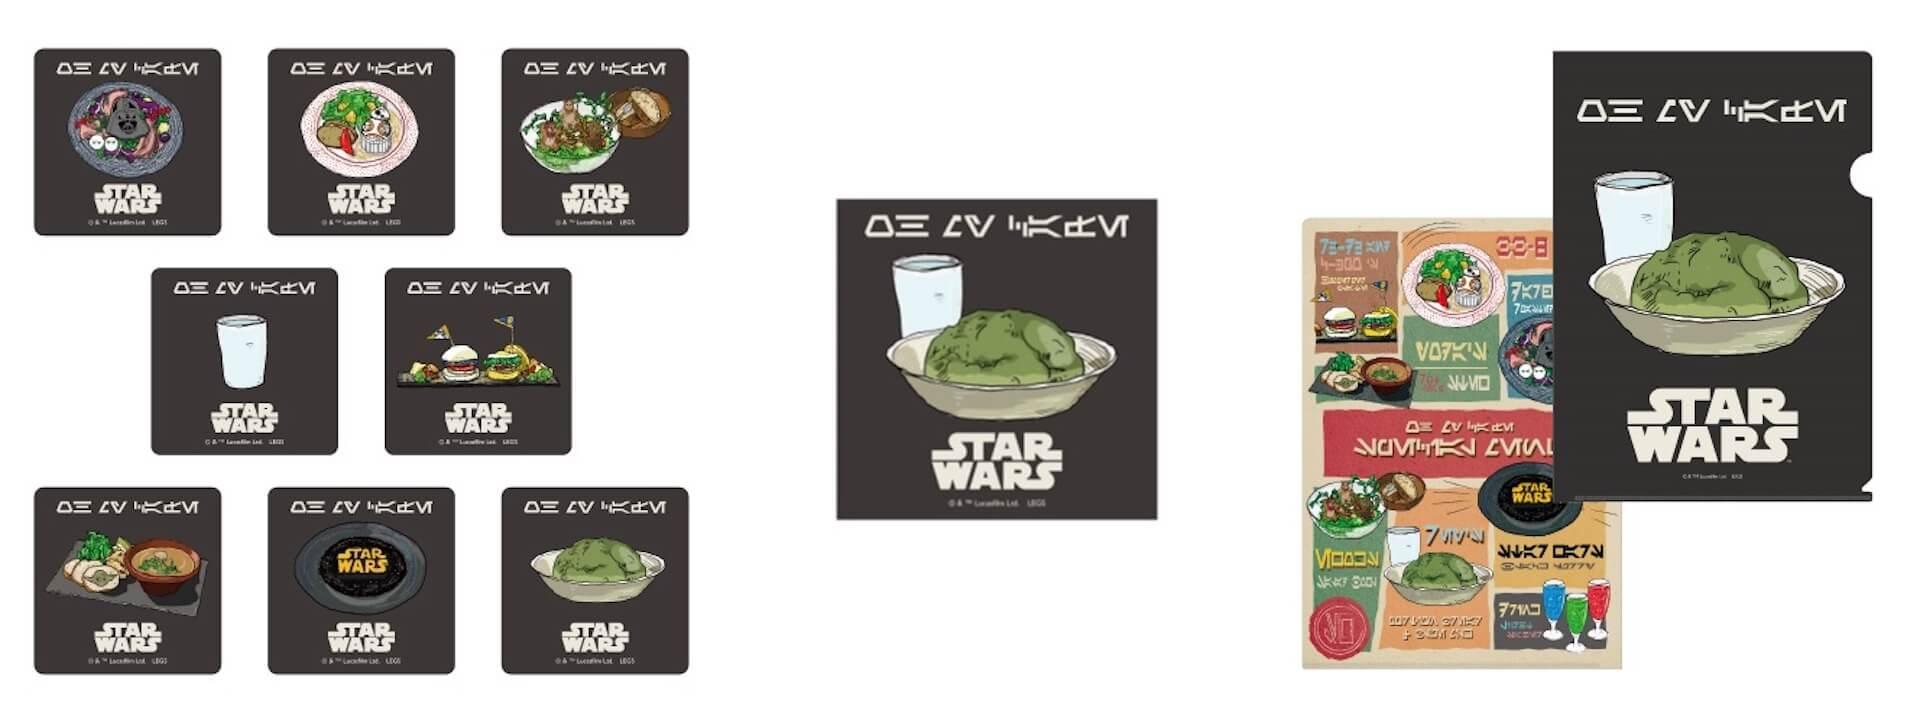 「スター・ウォーズ」シリーズの人気キャラたちがグルメとなって登場!『スター・ウォーズ/スカイウォーカーの夜明け』公開記念OH MY CAFE限定オープン gourmet200110_starwars_cafe_9